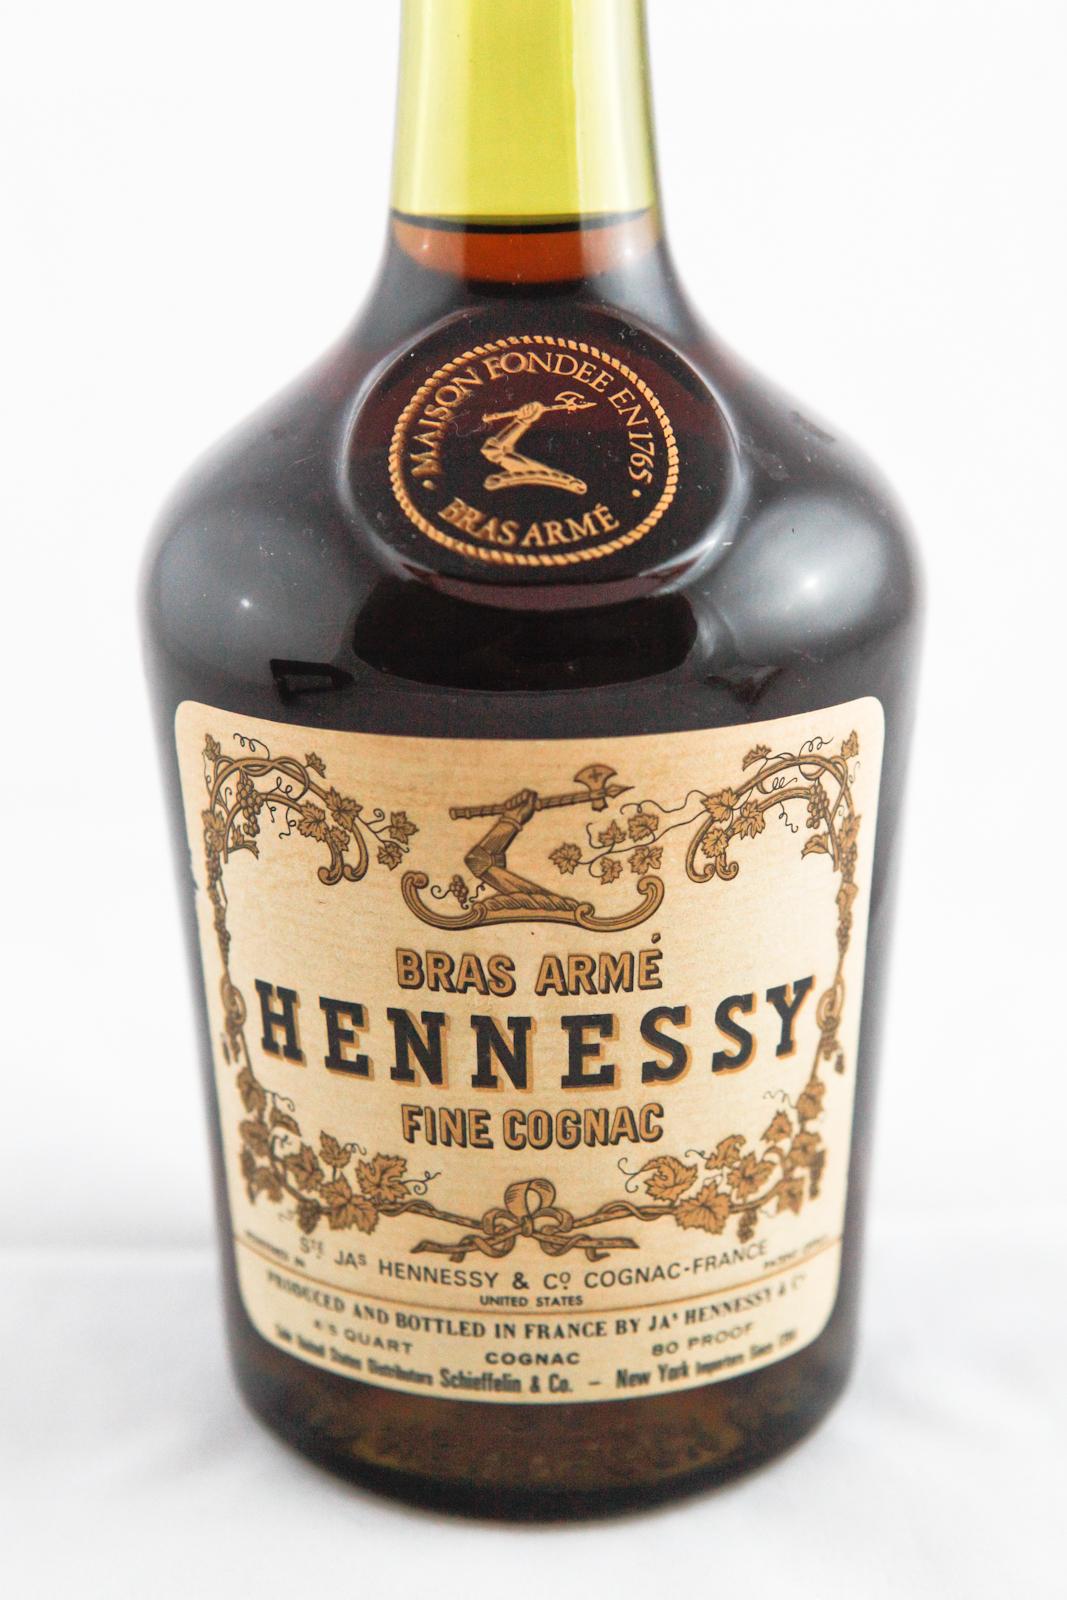 Hennessy Bras Armé Fine Cognac